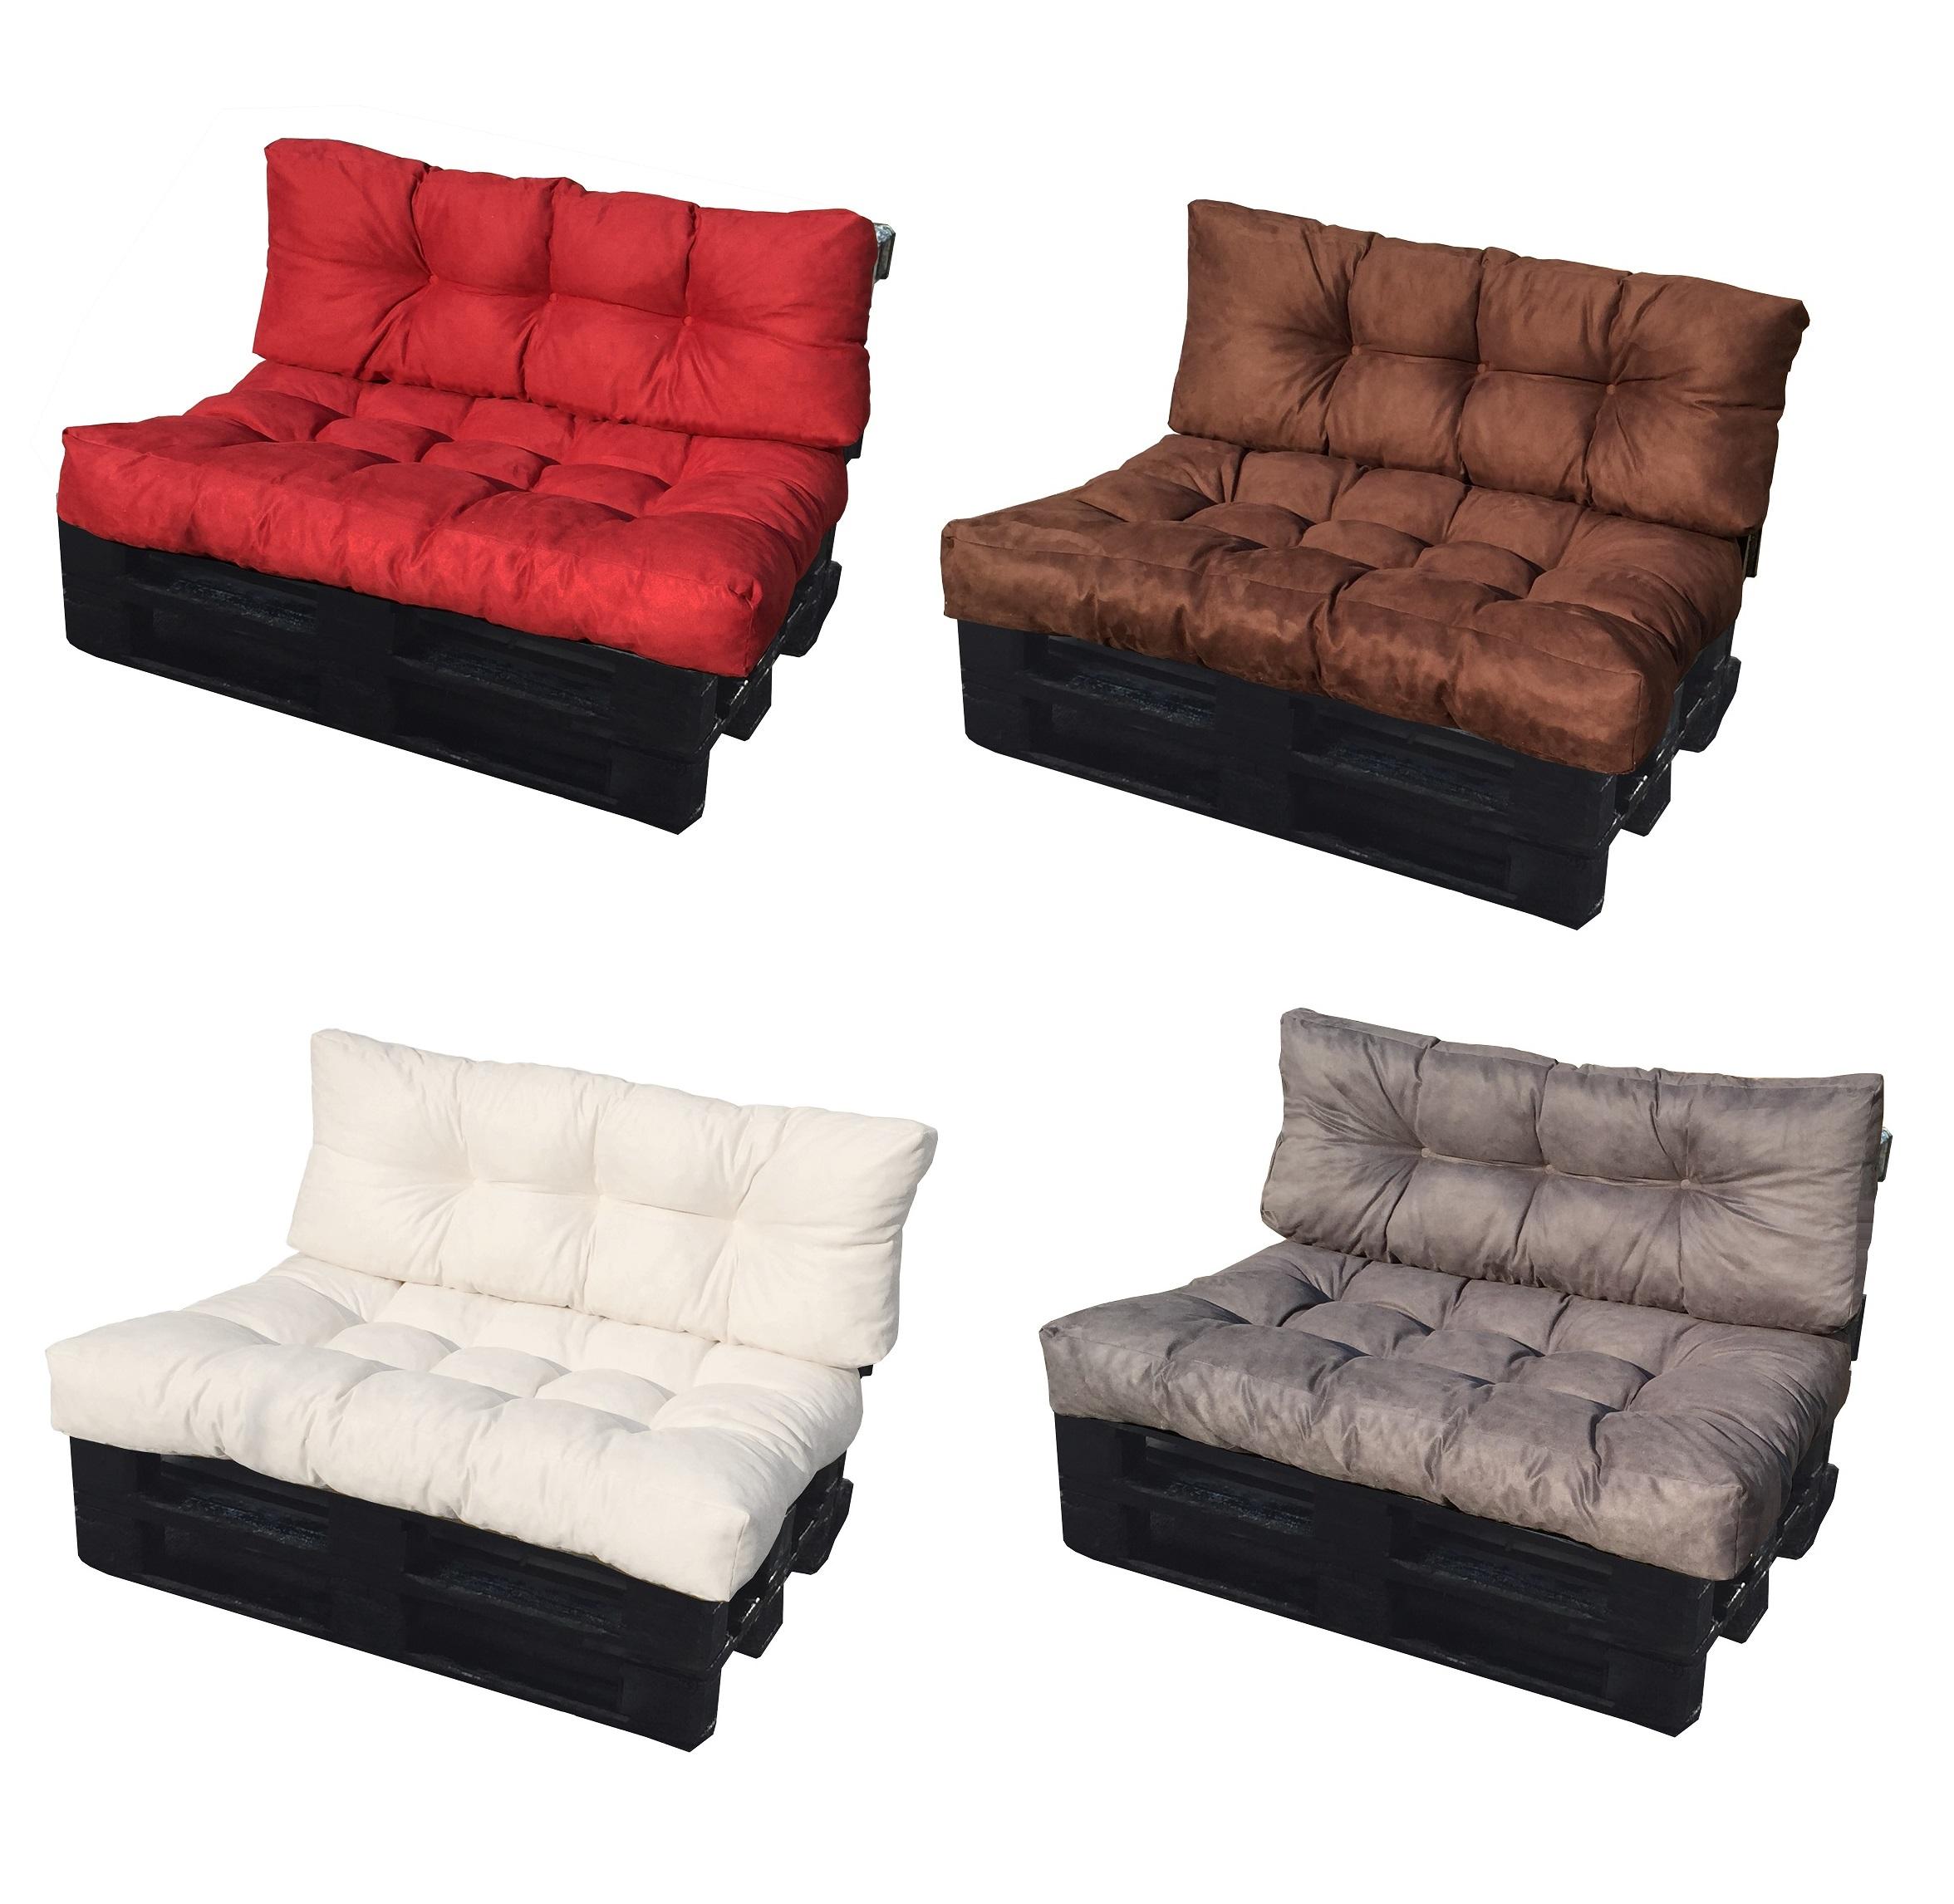 Cuscini Da Seduta Per Divani.Cuscino Per Bancale Cuscino Divano Pallet Di Legno Misure